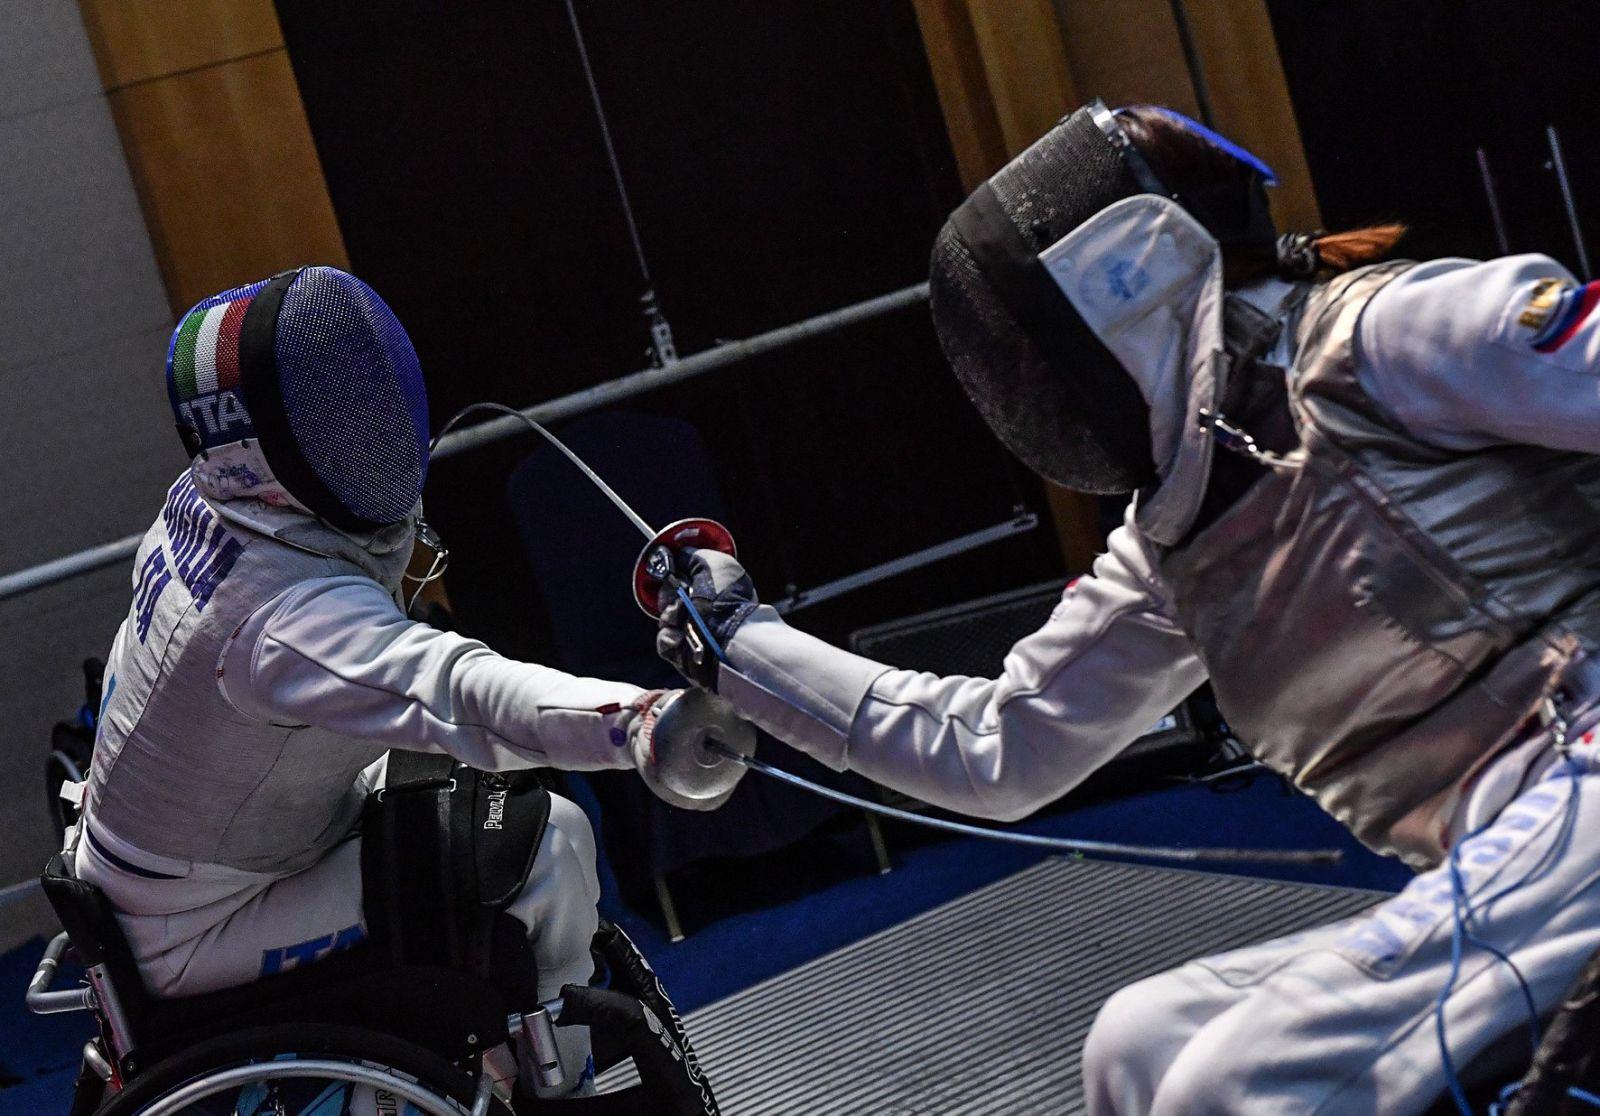 Сборная команда России по фехтованию на колясках завоевала 2 золотые, 3 серебряные и 8 бронзовых медалей по итогу 6-и дней чемпионата мира в Корее